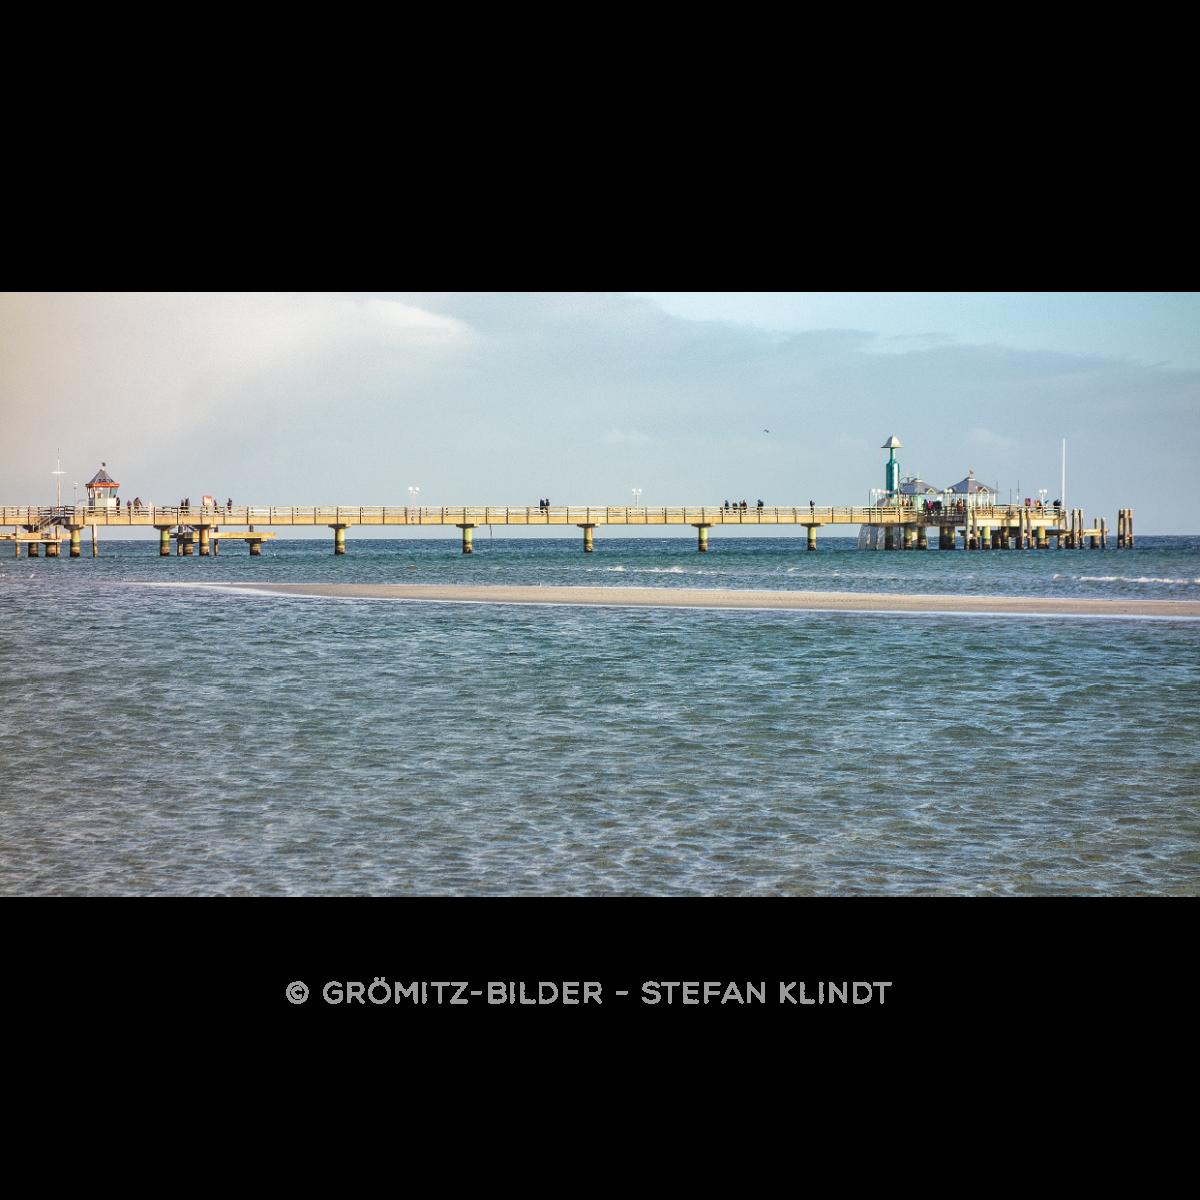 019 Grömitz Bilder - Seebrücke in Niedrigwasser